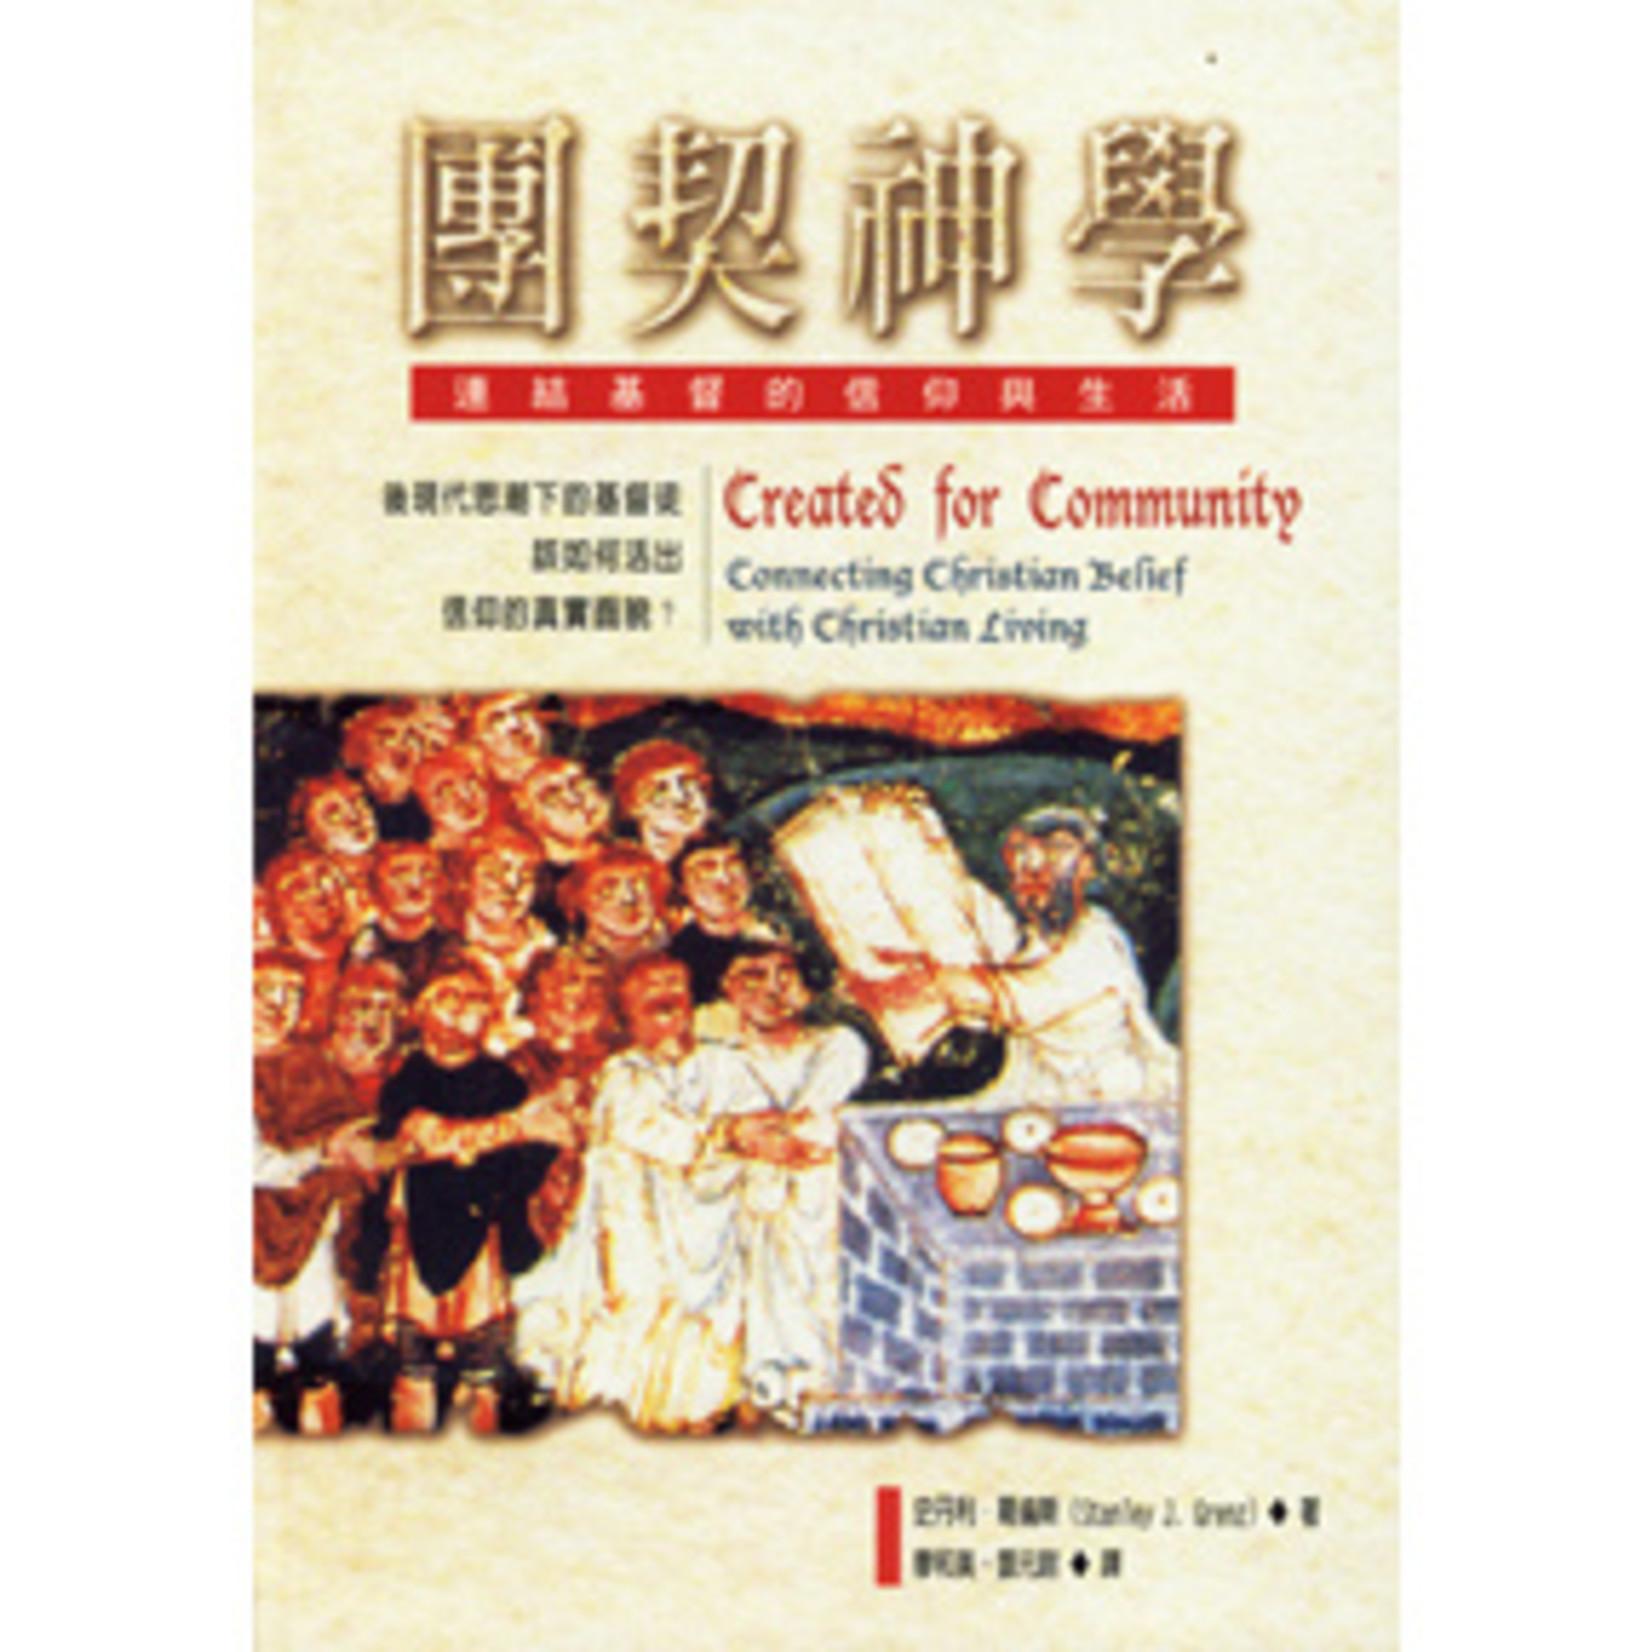 中華福音神學院 China Evangelical Seminary 團契神學:連結基督的信仰與生活 Created for Community: Connecting Christian Belief with Christian Living